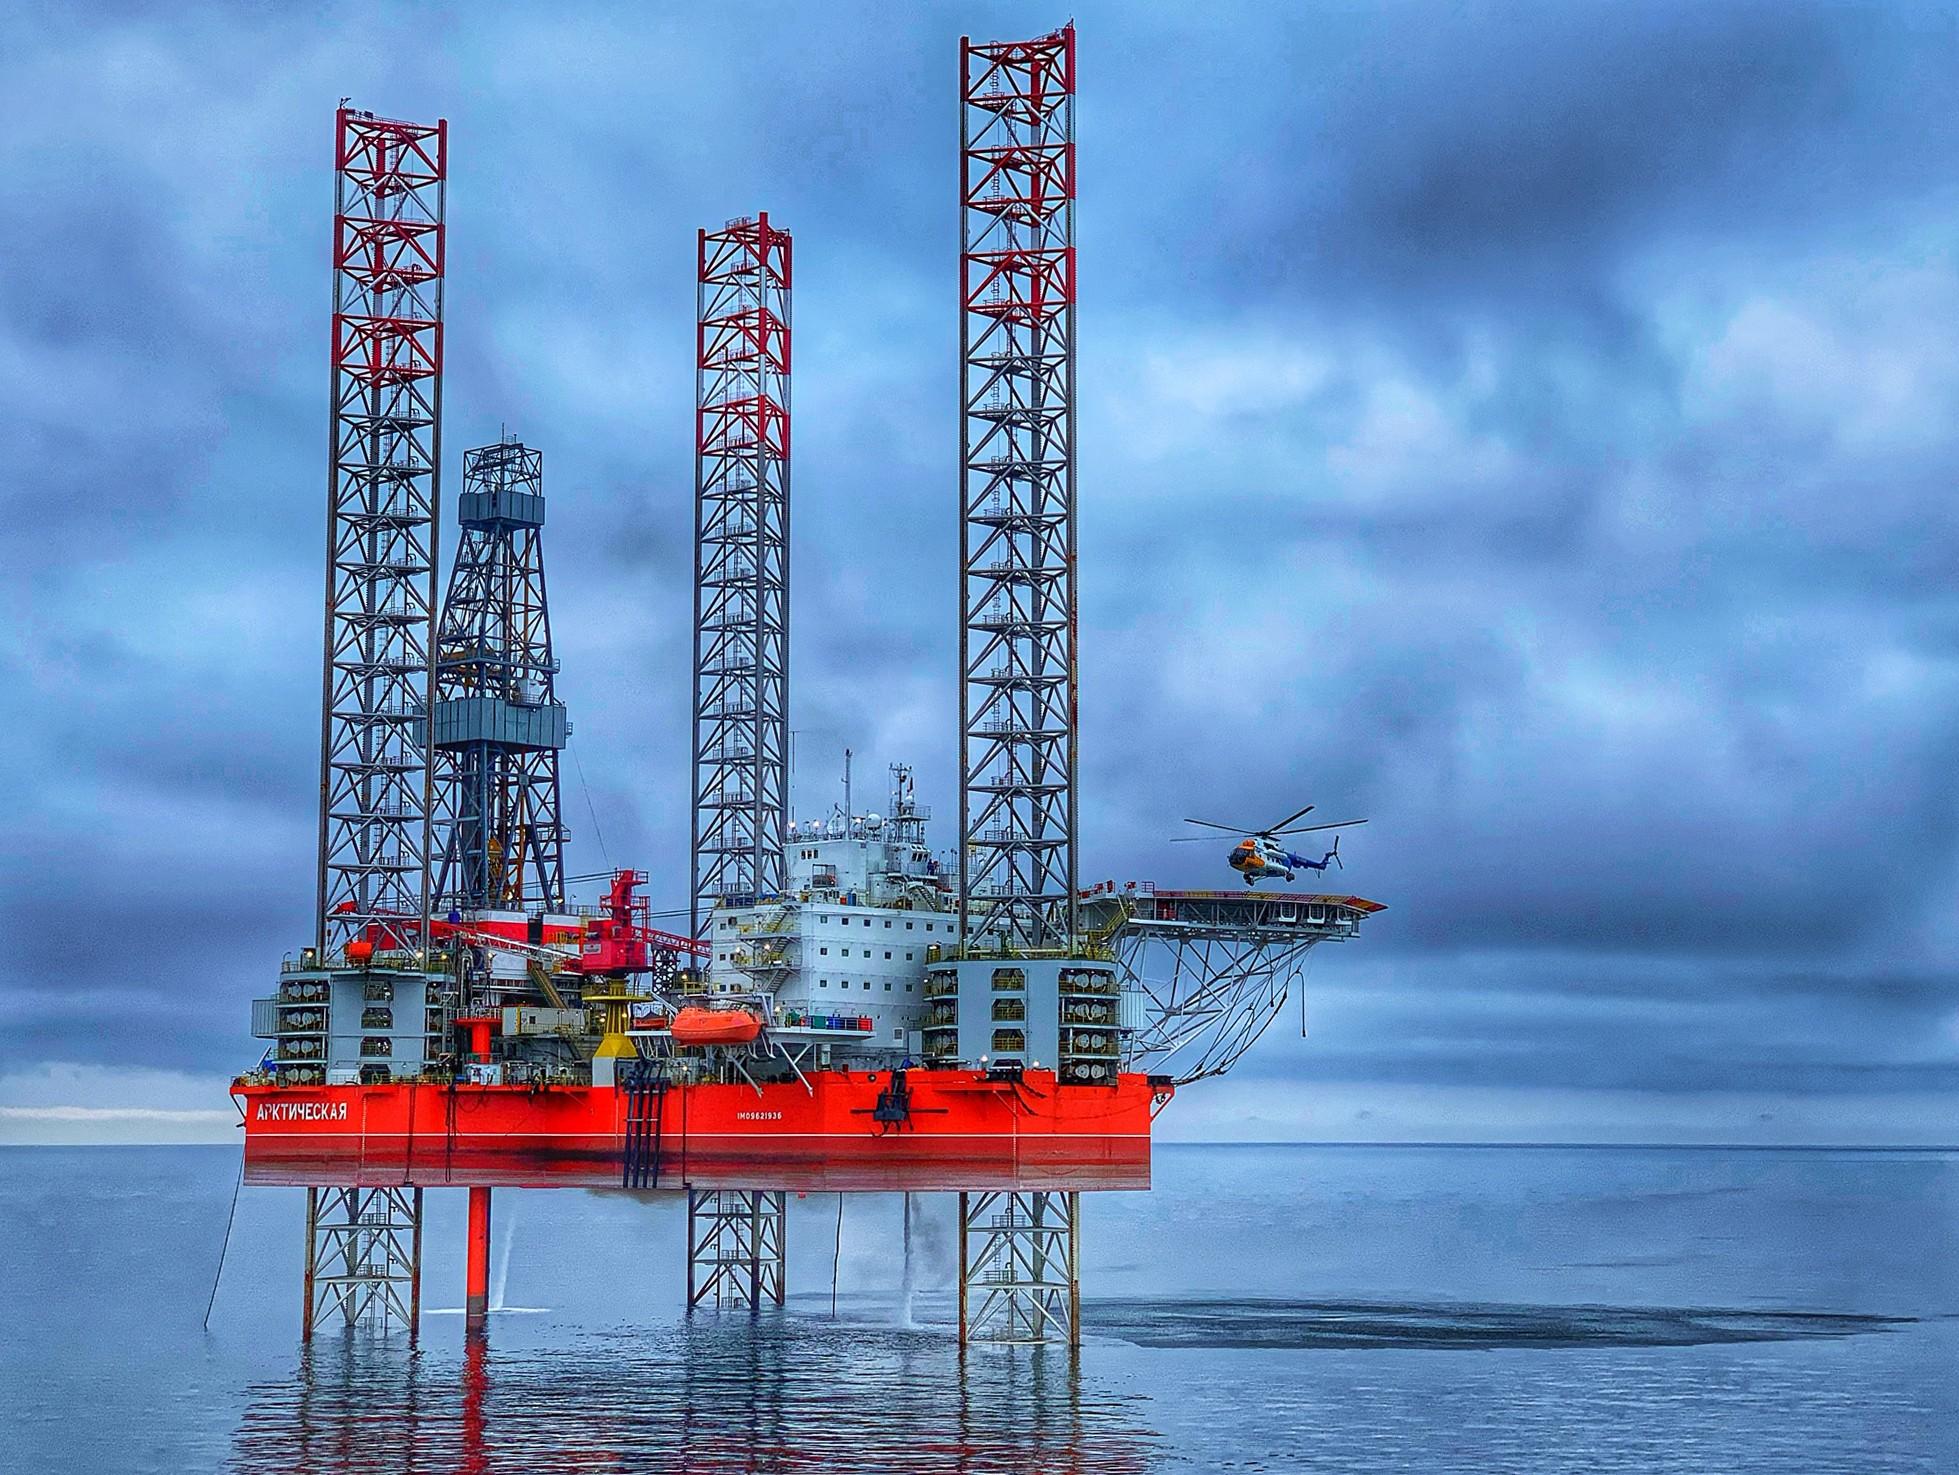 Во II квартале «Газпром» увеличил поставки газа в Австрию на 12%